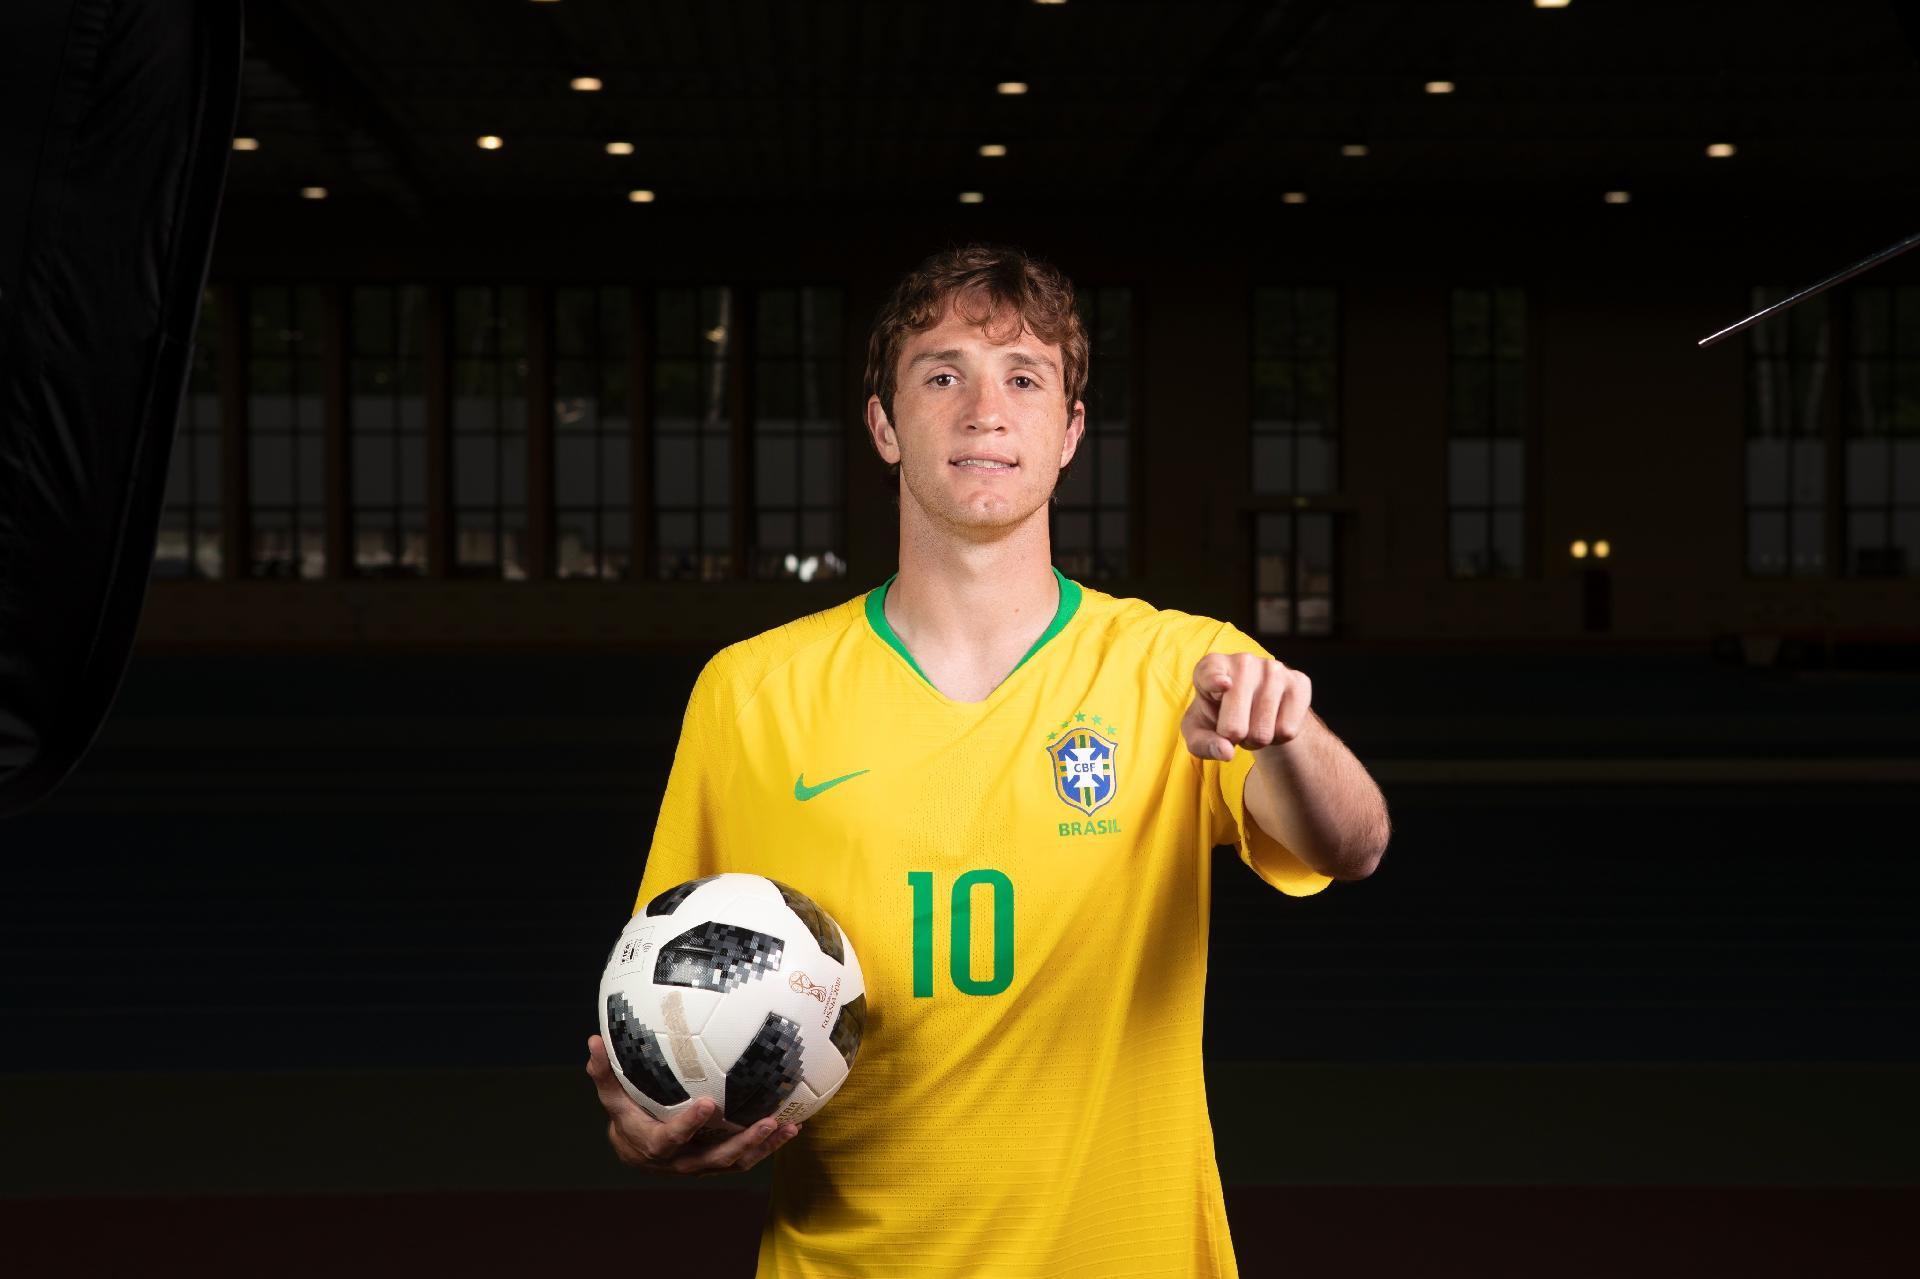 Copa do Mundo 2018  Lateral que recusou defender Brasil veste camisa da  seleção em ação - UOL Copa do Mundo 2018 d2903e467ee05